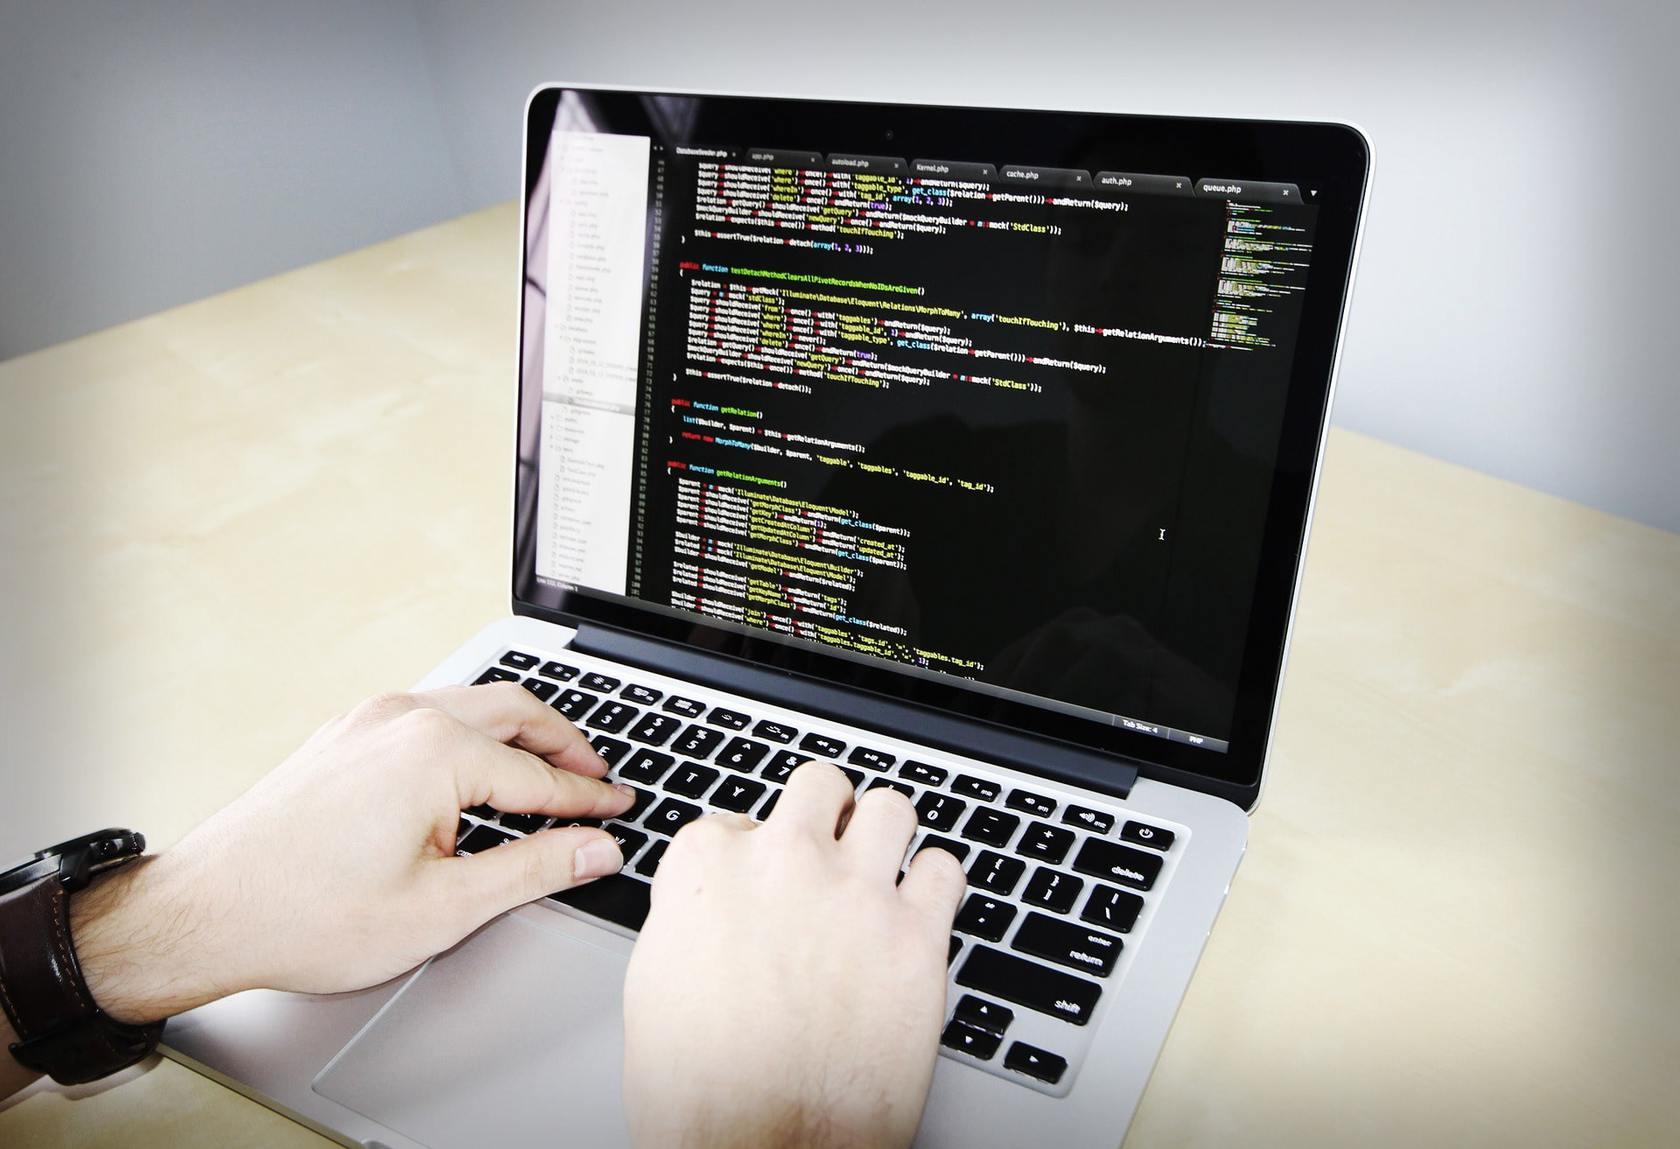 Способы освоения профессии веб-разработчика пошагово